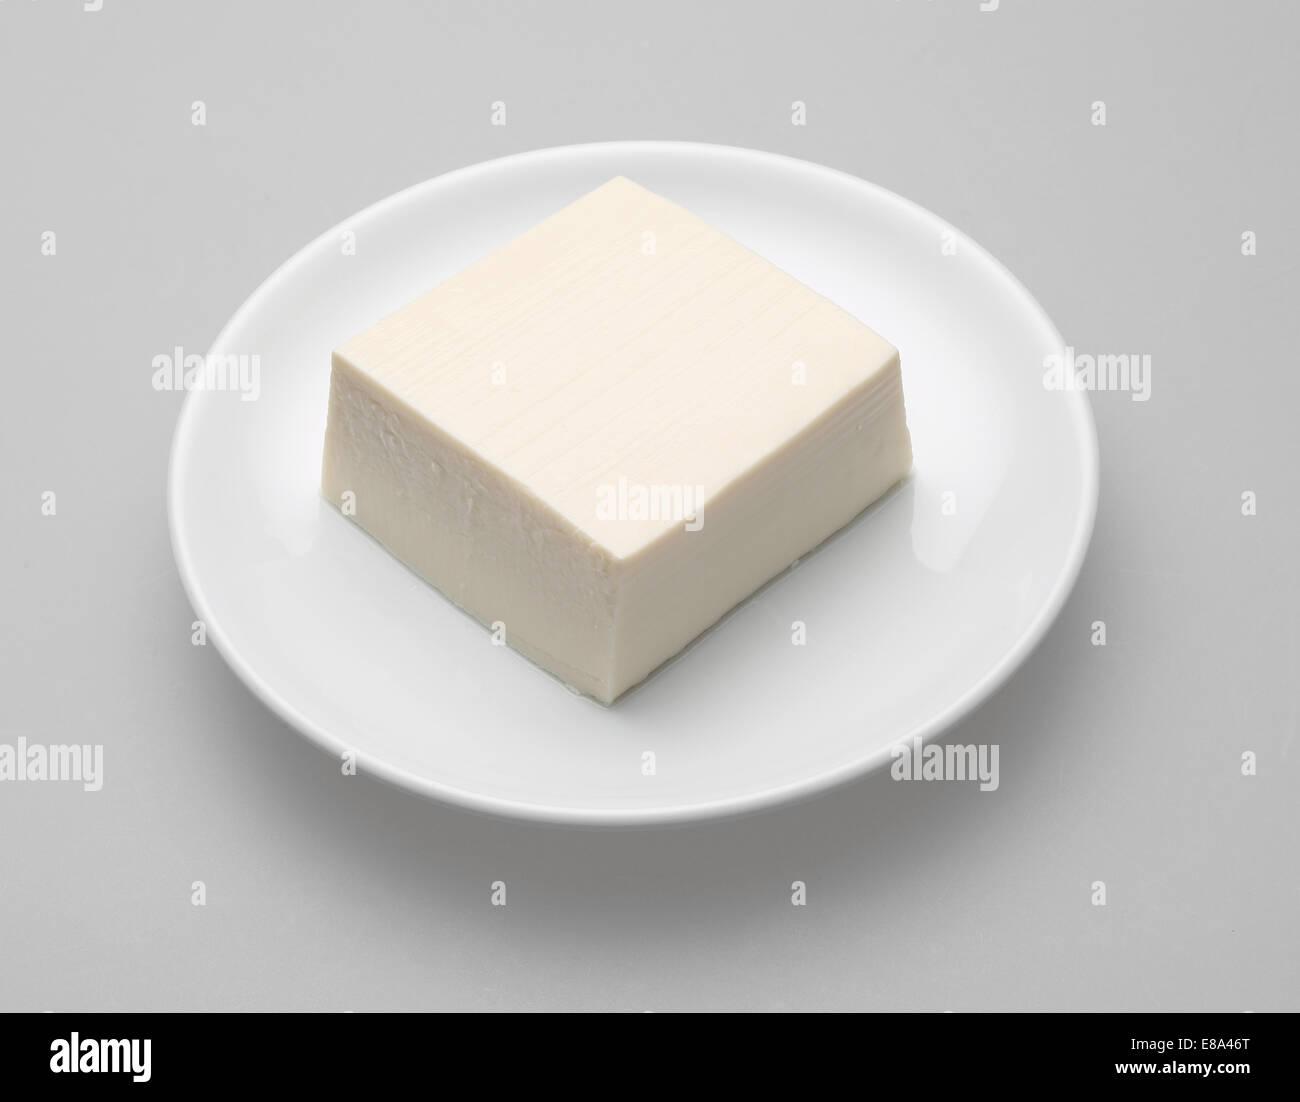 Tofu on white dish - Stock Image